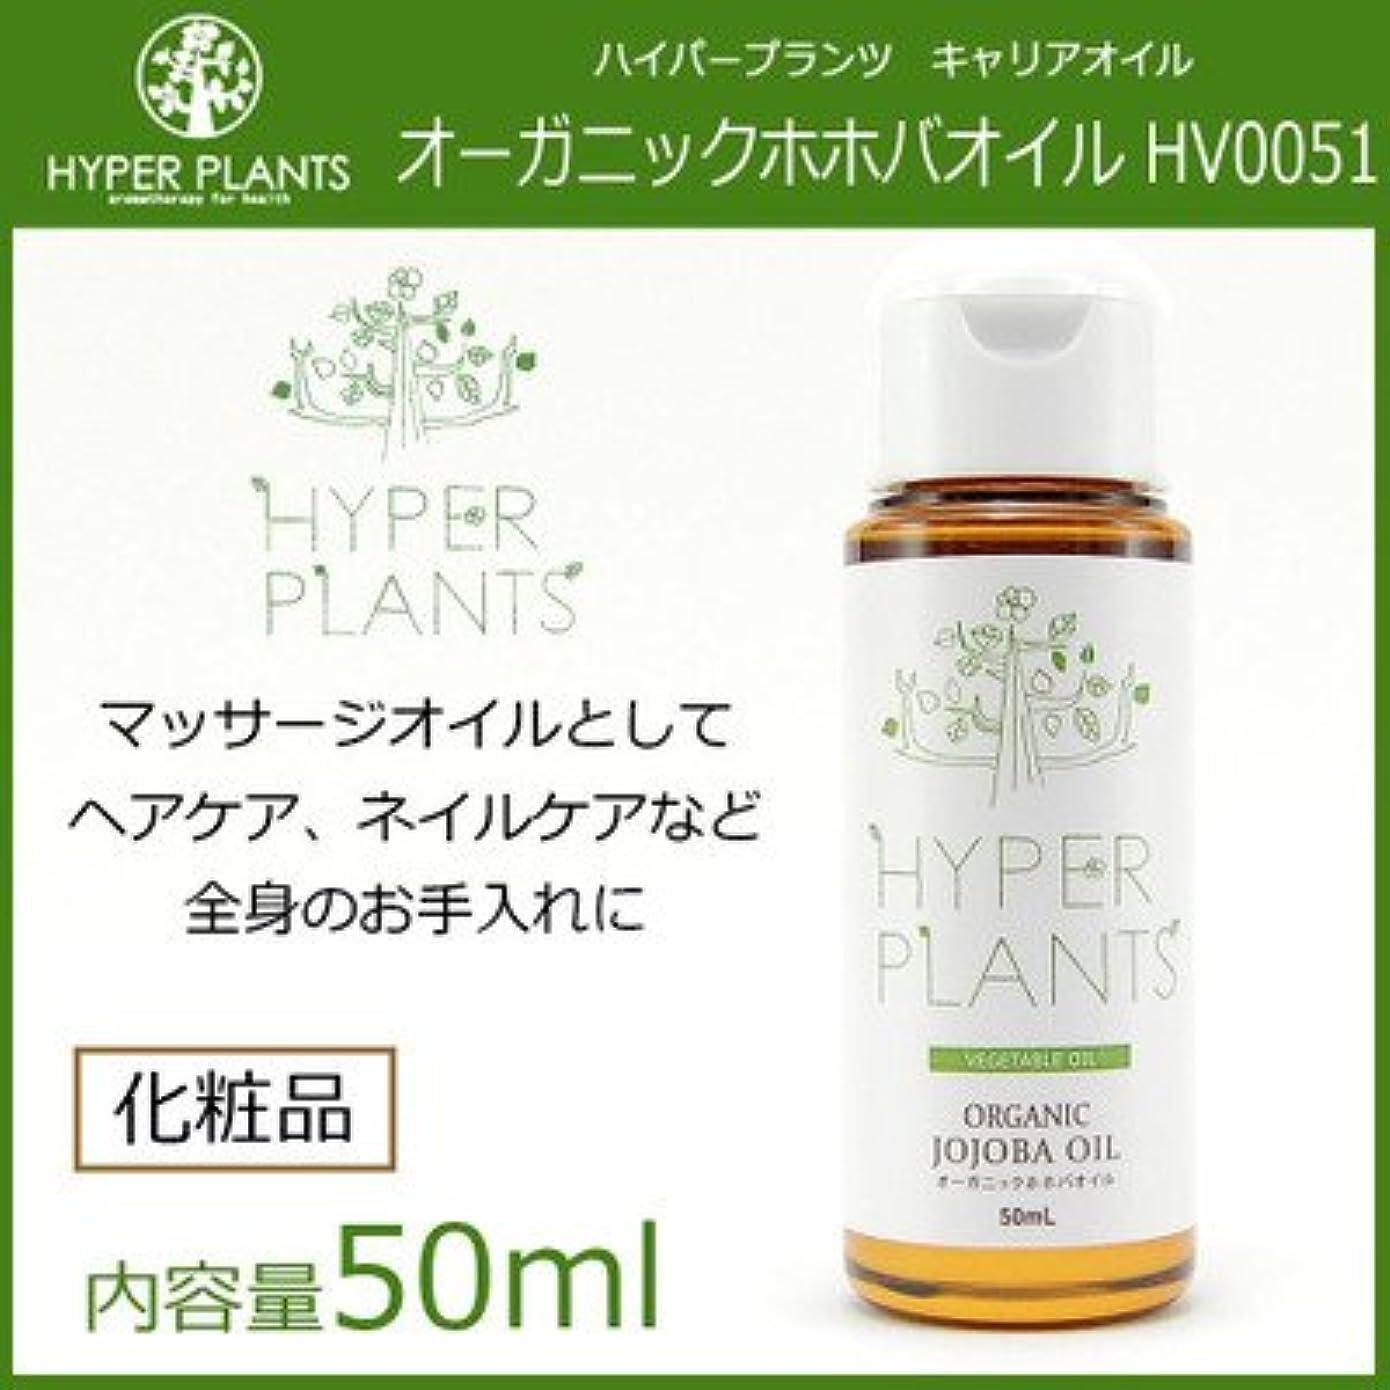 自我補助先住民天然植物原料100%使用 肌なじみが良い定番オイル HYPER PLANTS ハイパープランツ キャリアオイル オーガニックホホバオイル 50ml HV0051